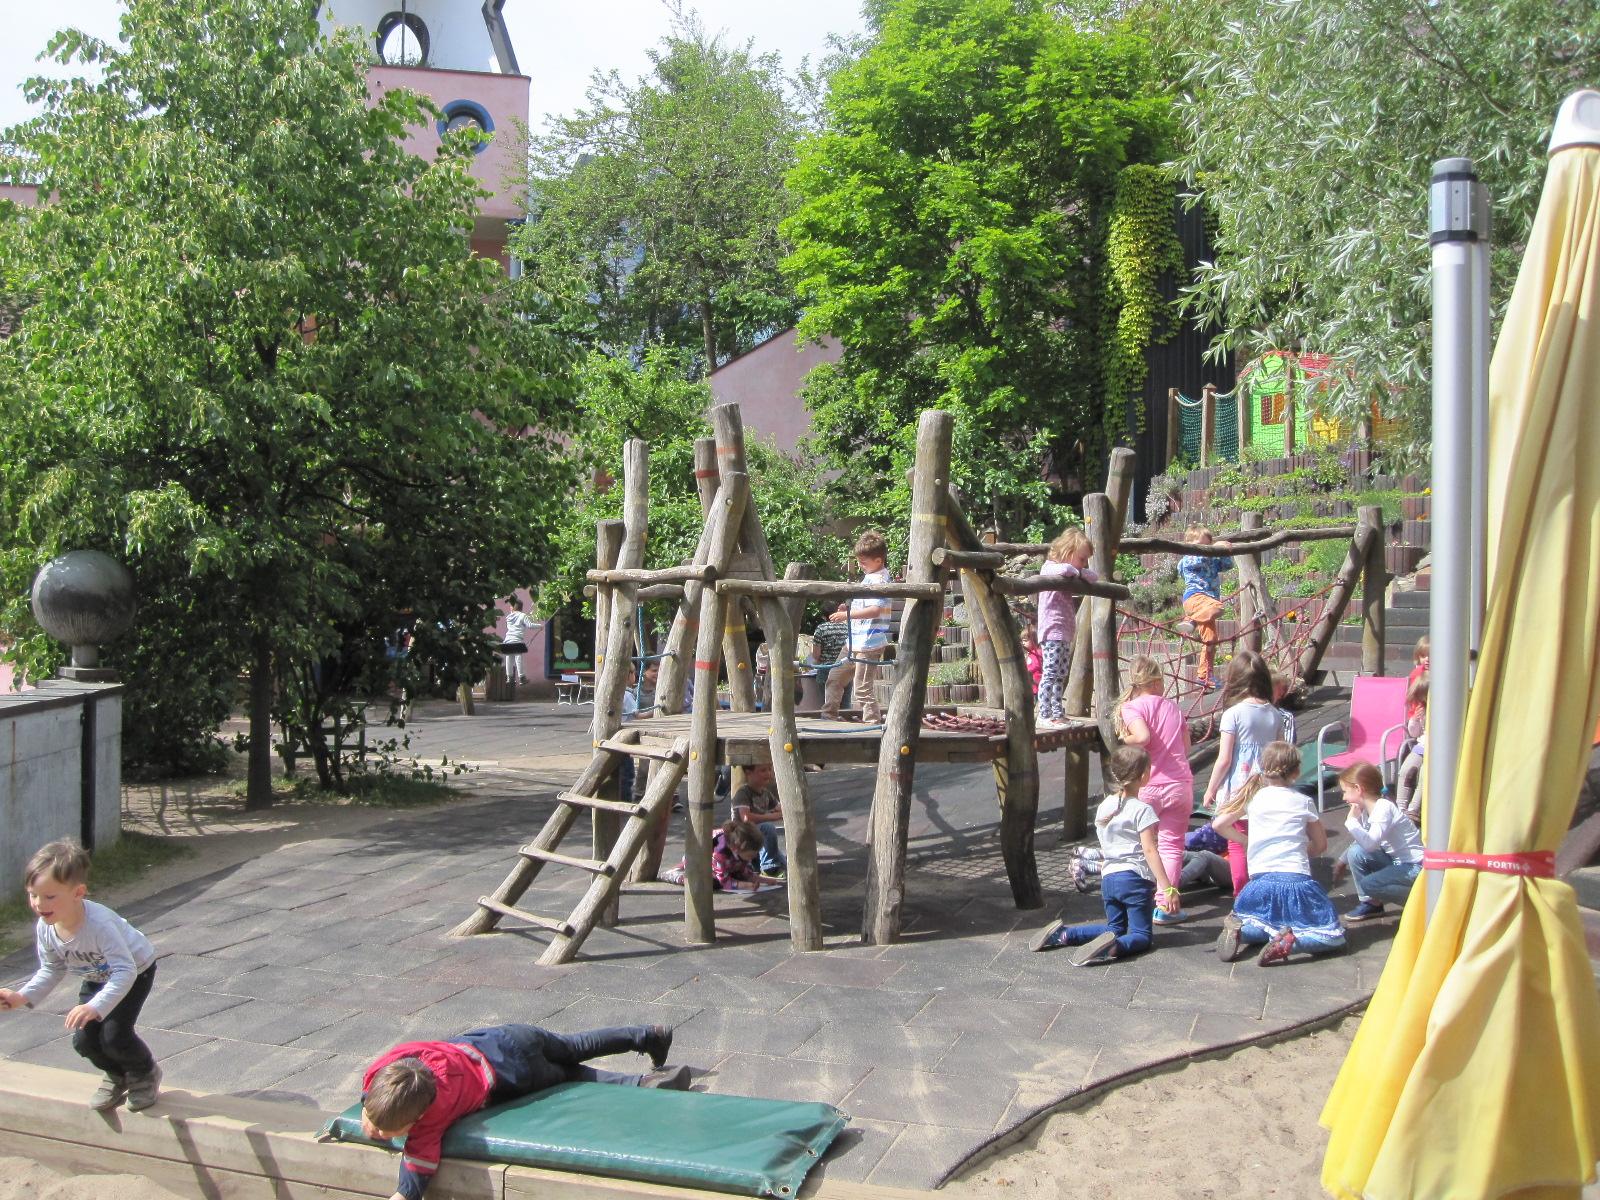 Hundertwasser Grüne Zitadelle Magdeburg Kita